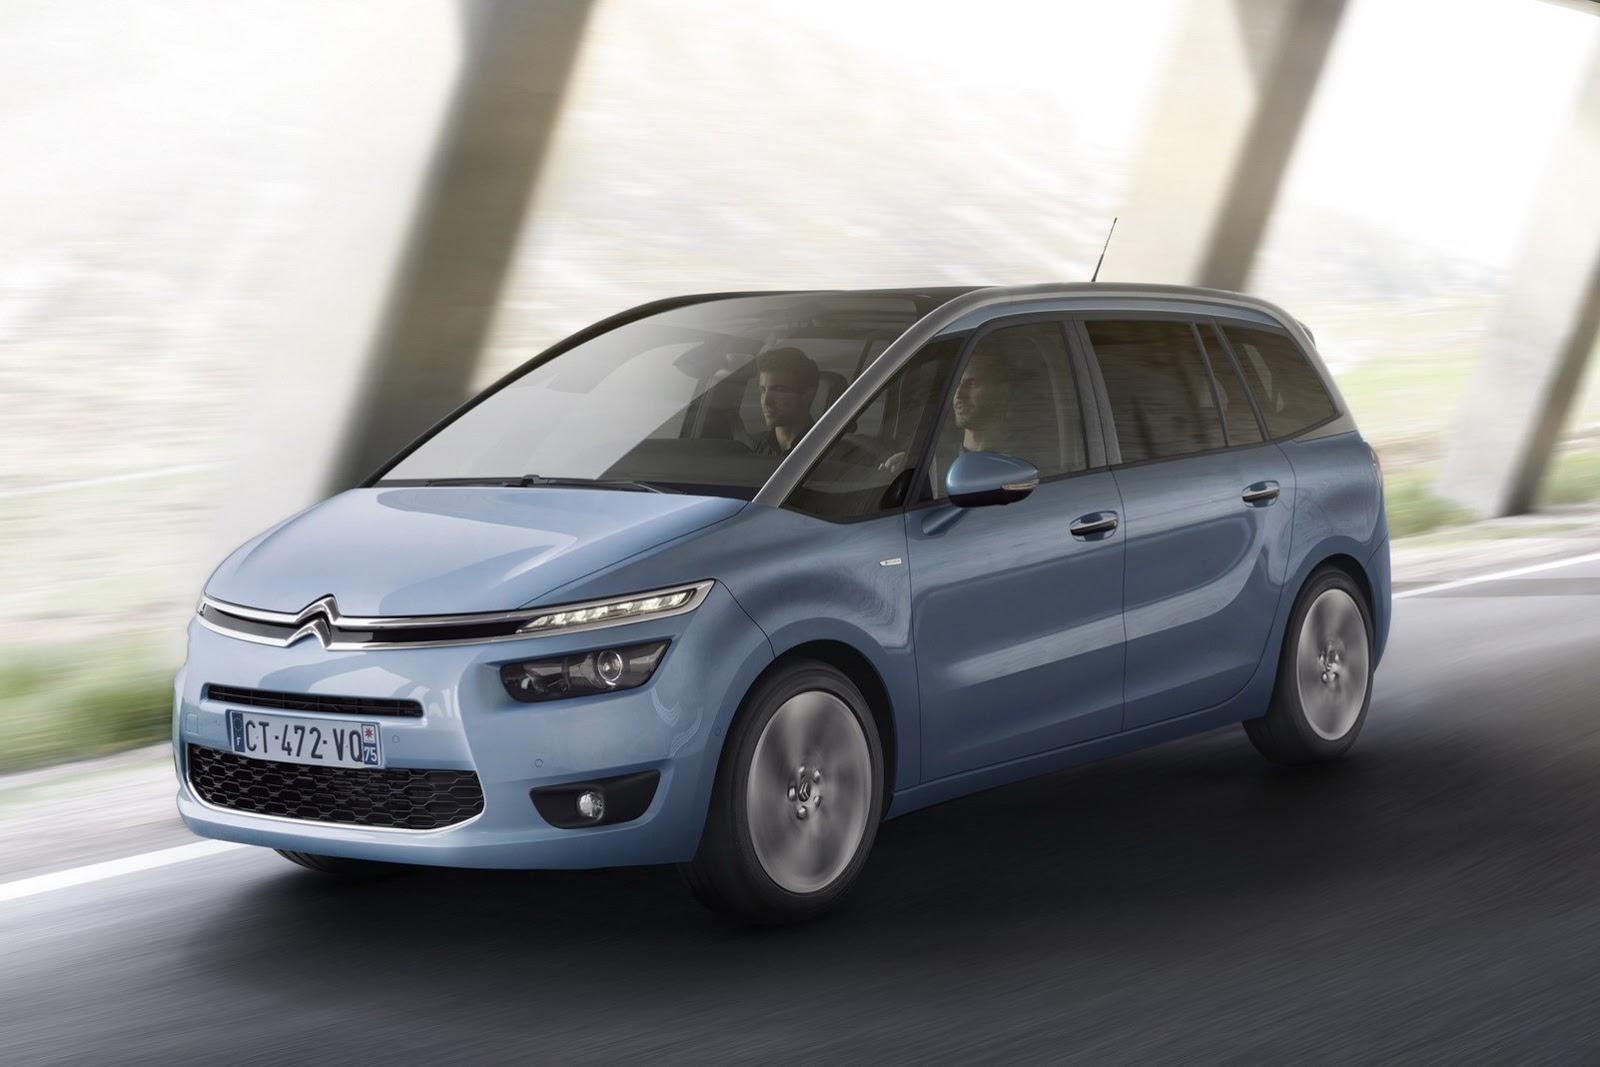 [SUJET OFFICIEL] Citroën Grand C4 Picasso II  - Page 4 Citroen-Grand-C4-Picasso-14%25255B2%25255D